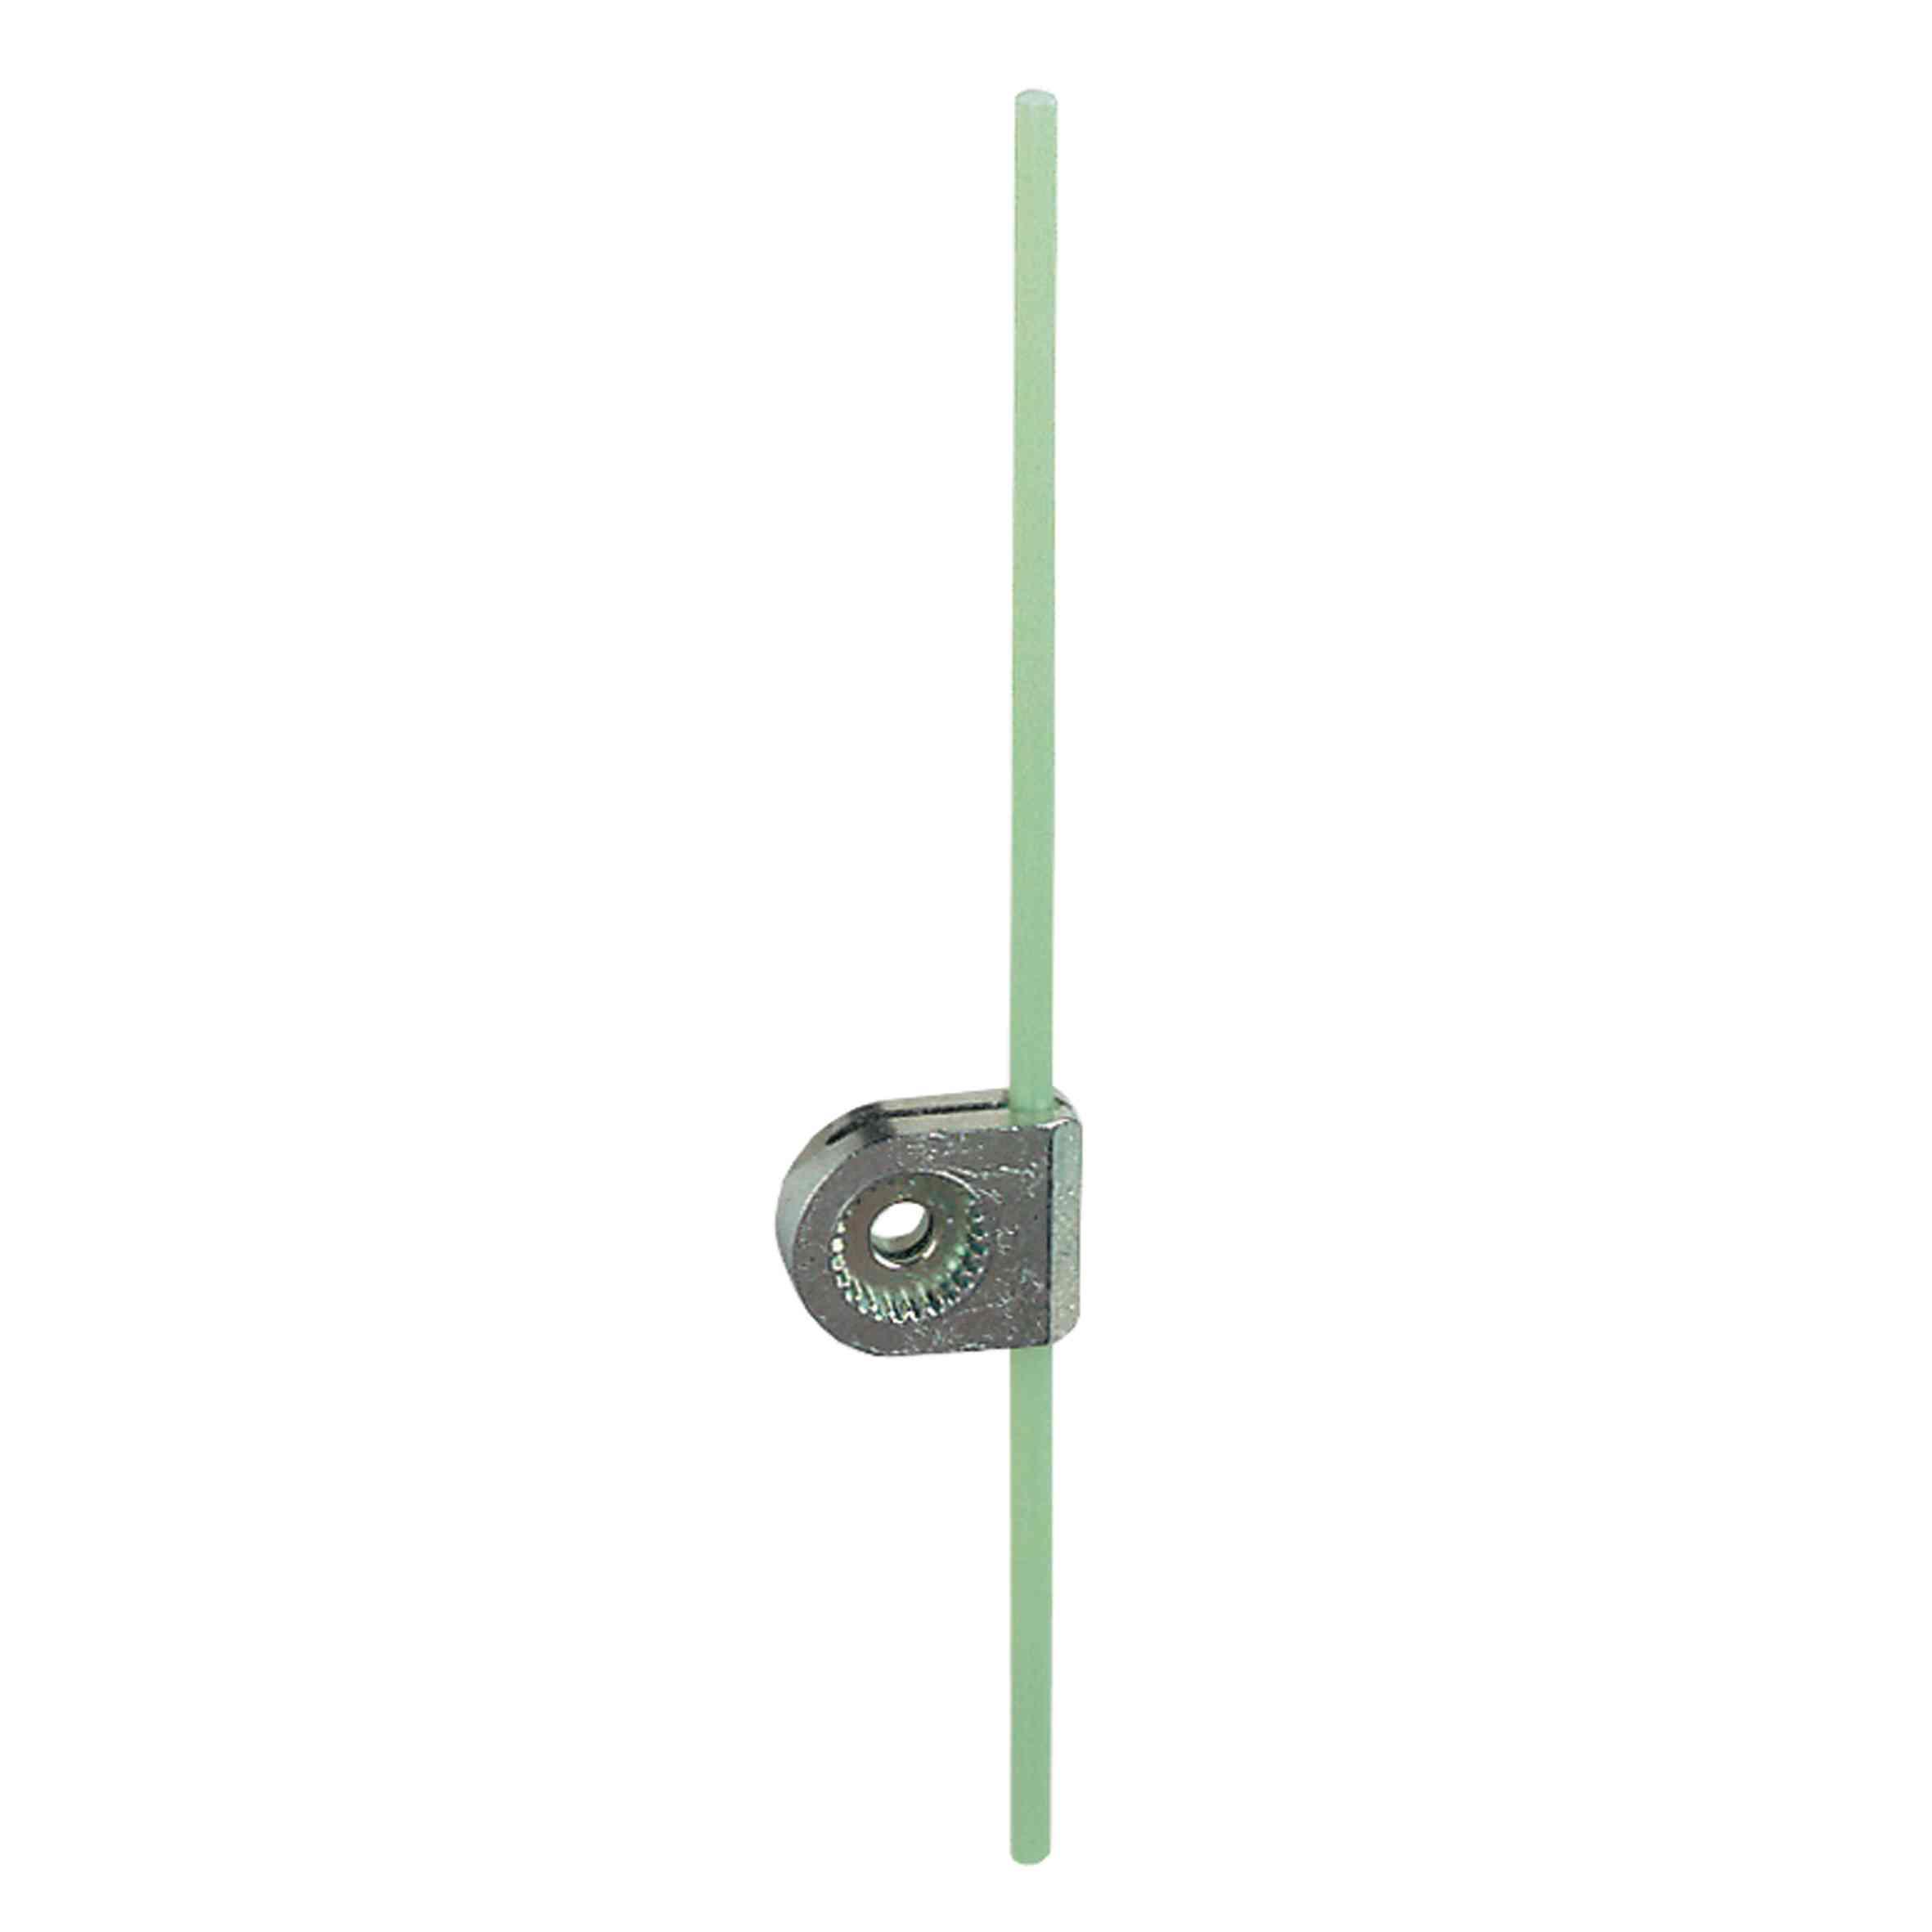 Vzv. omej. stik. ZCY - vzv. z okroglo palico iz stekl. vlaken, 3 mm, D = 125 mm